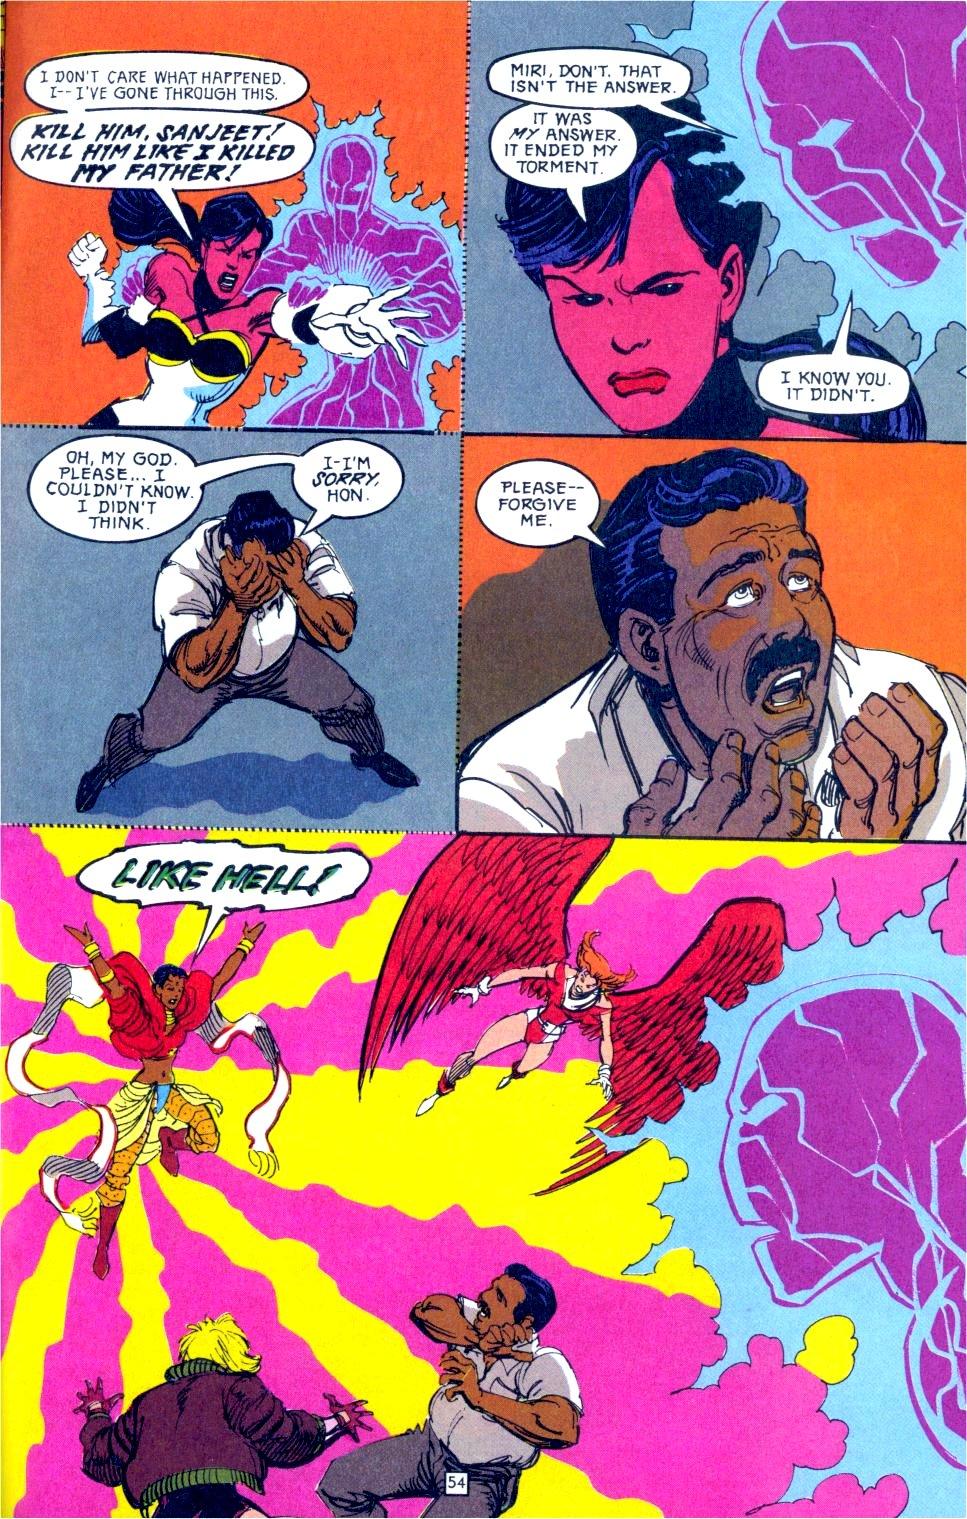 983-987 - Les comics que vous lisez en ce moment 444096_original